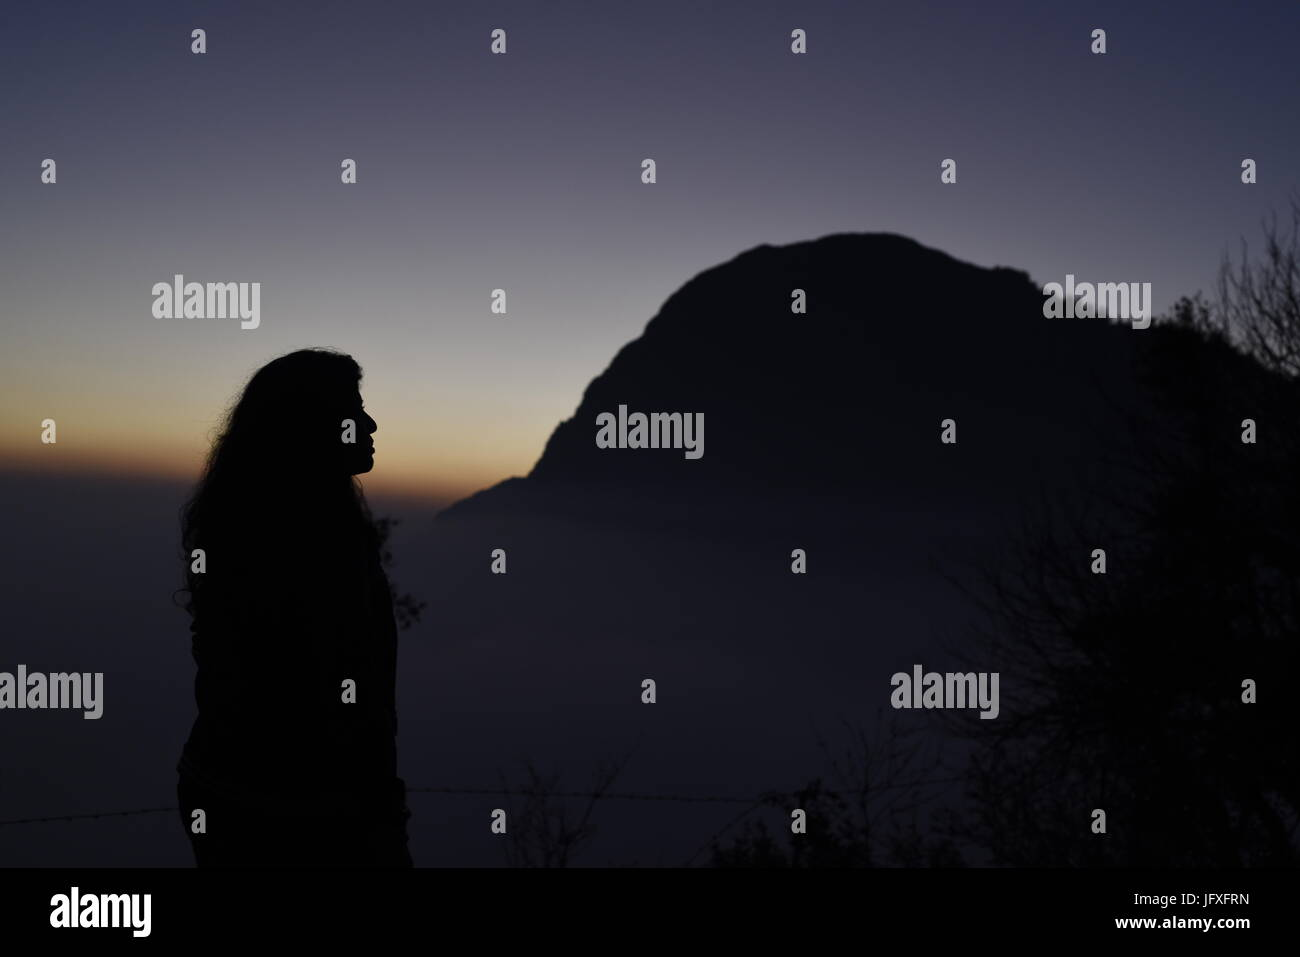 Scenic hermosa puesta de sol vista desde el punto más alto de la montaña naranja azul cielo en la oscuridad a Dhanaulti, Uttrakhand, India, Asia Foto de stock